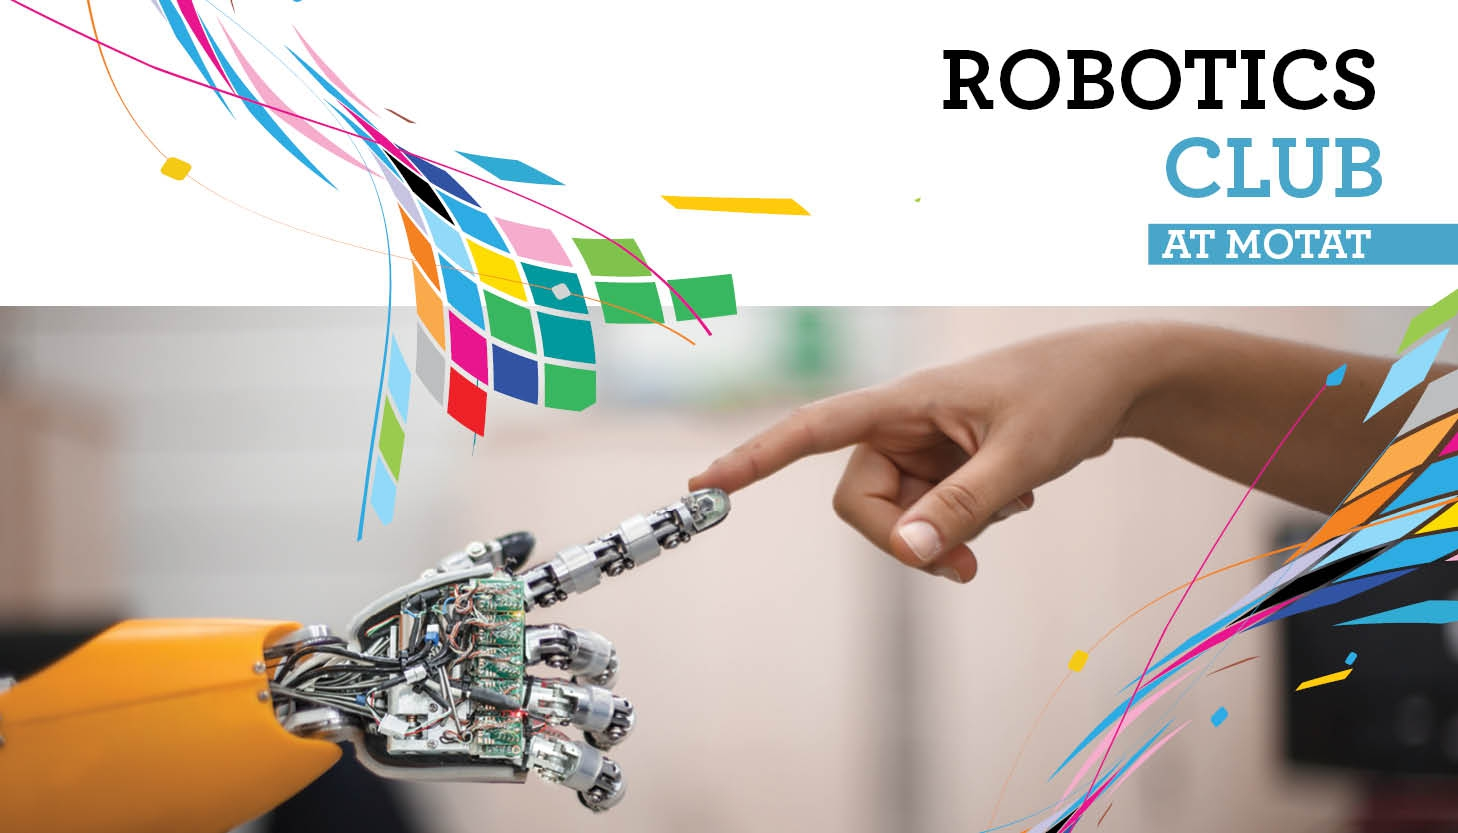 Robotics Club at MOTAT 2018